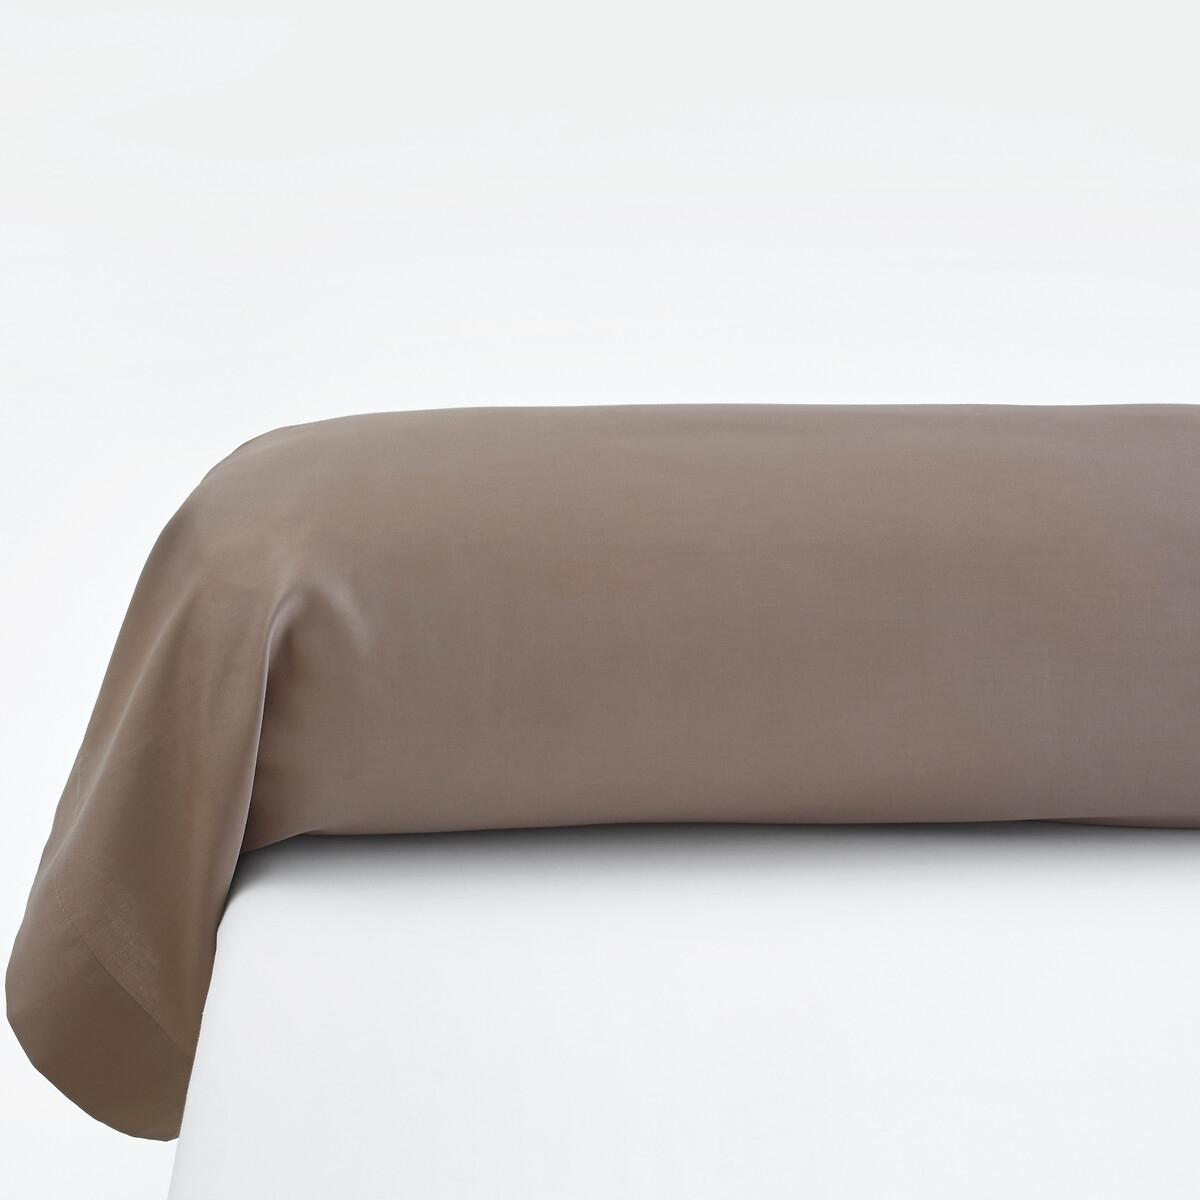 Fronha de travesseiro liso, em cetim de algodão